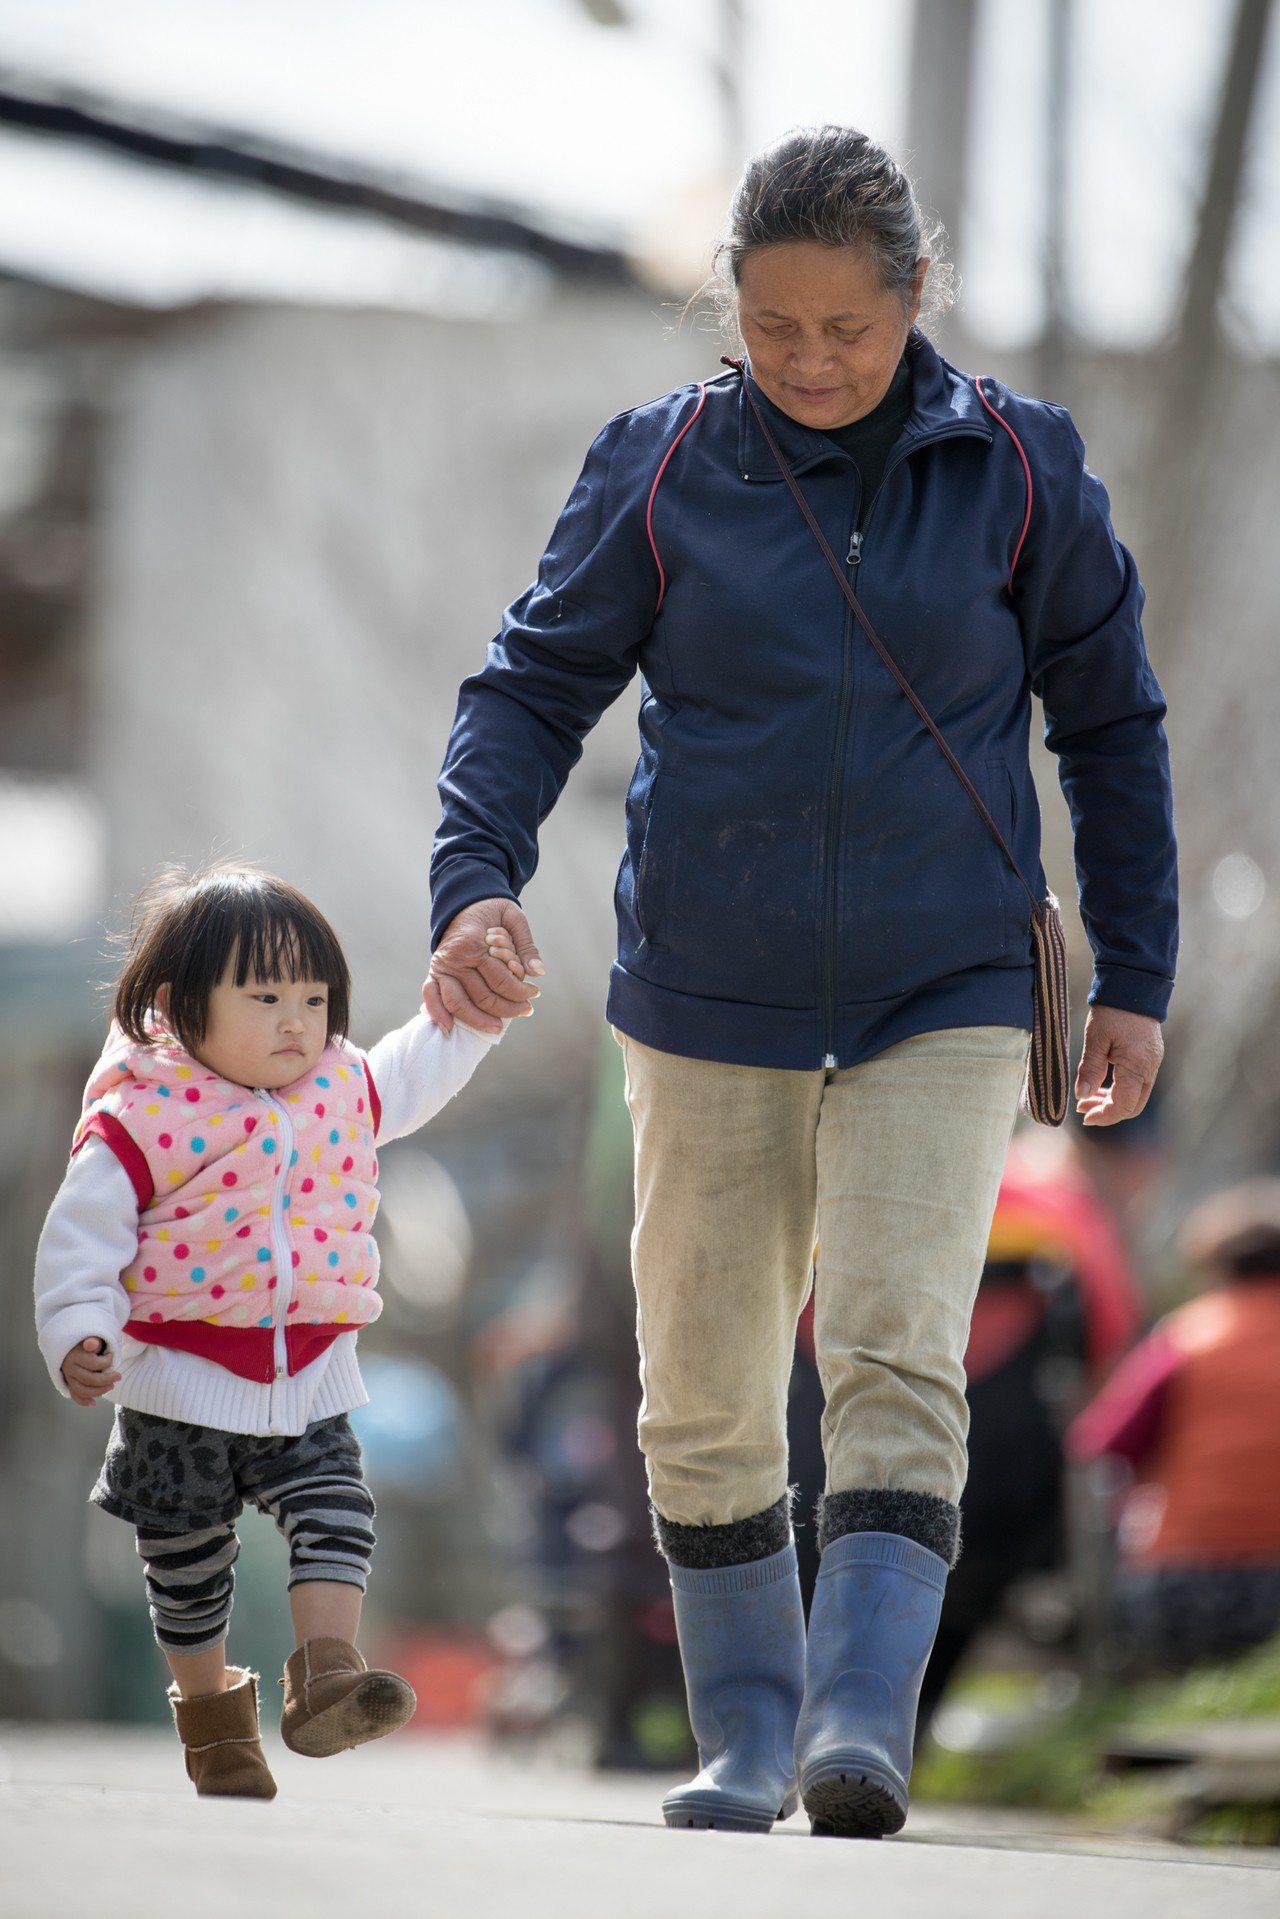 水蜜桃阿嬤多年來「嬤代母職」拉拔8個孫子長大。本報資料照